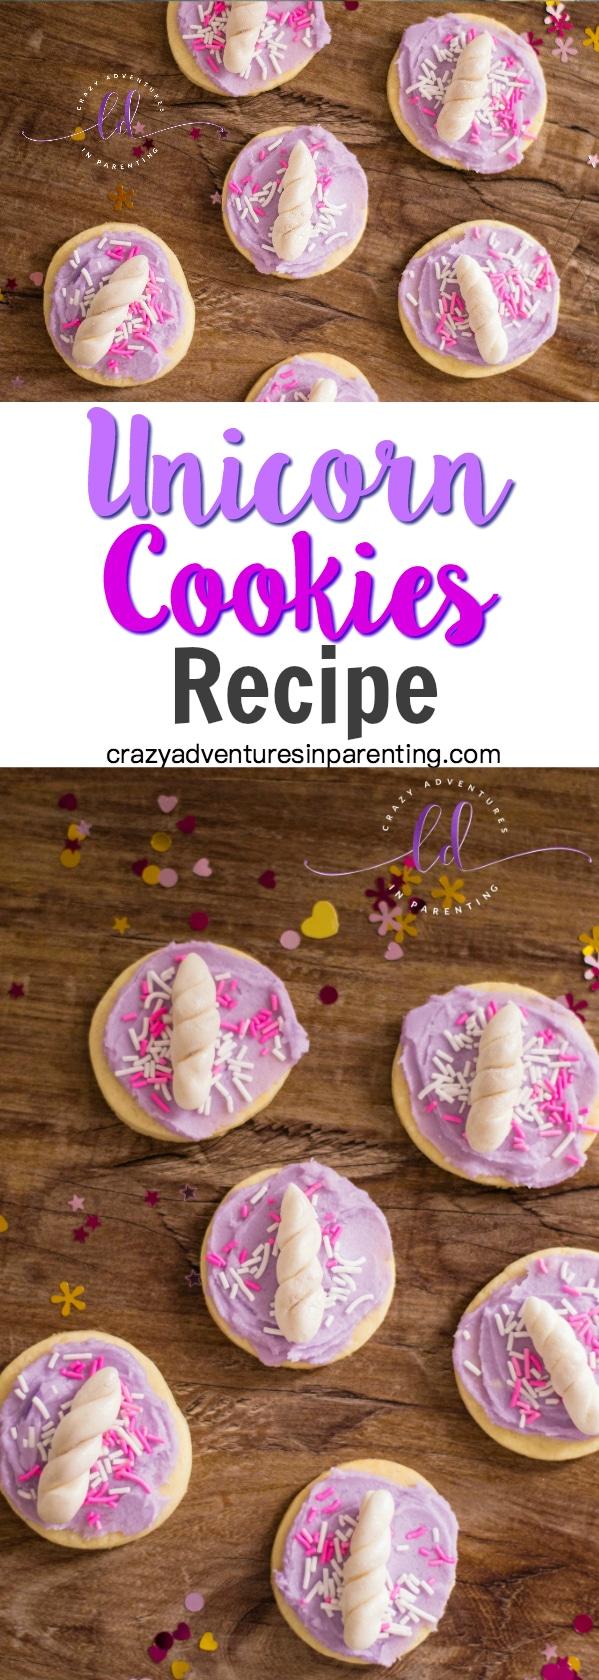 Unicorn Cookies Recipe